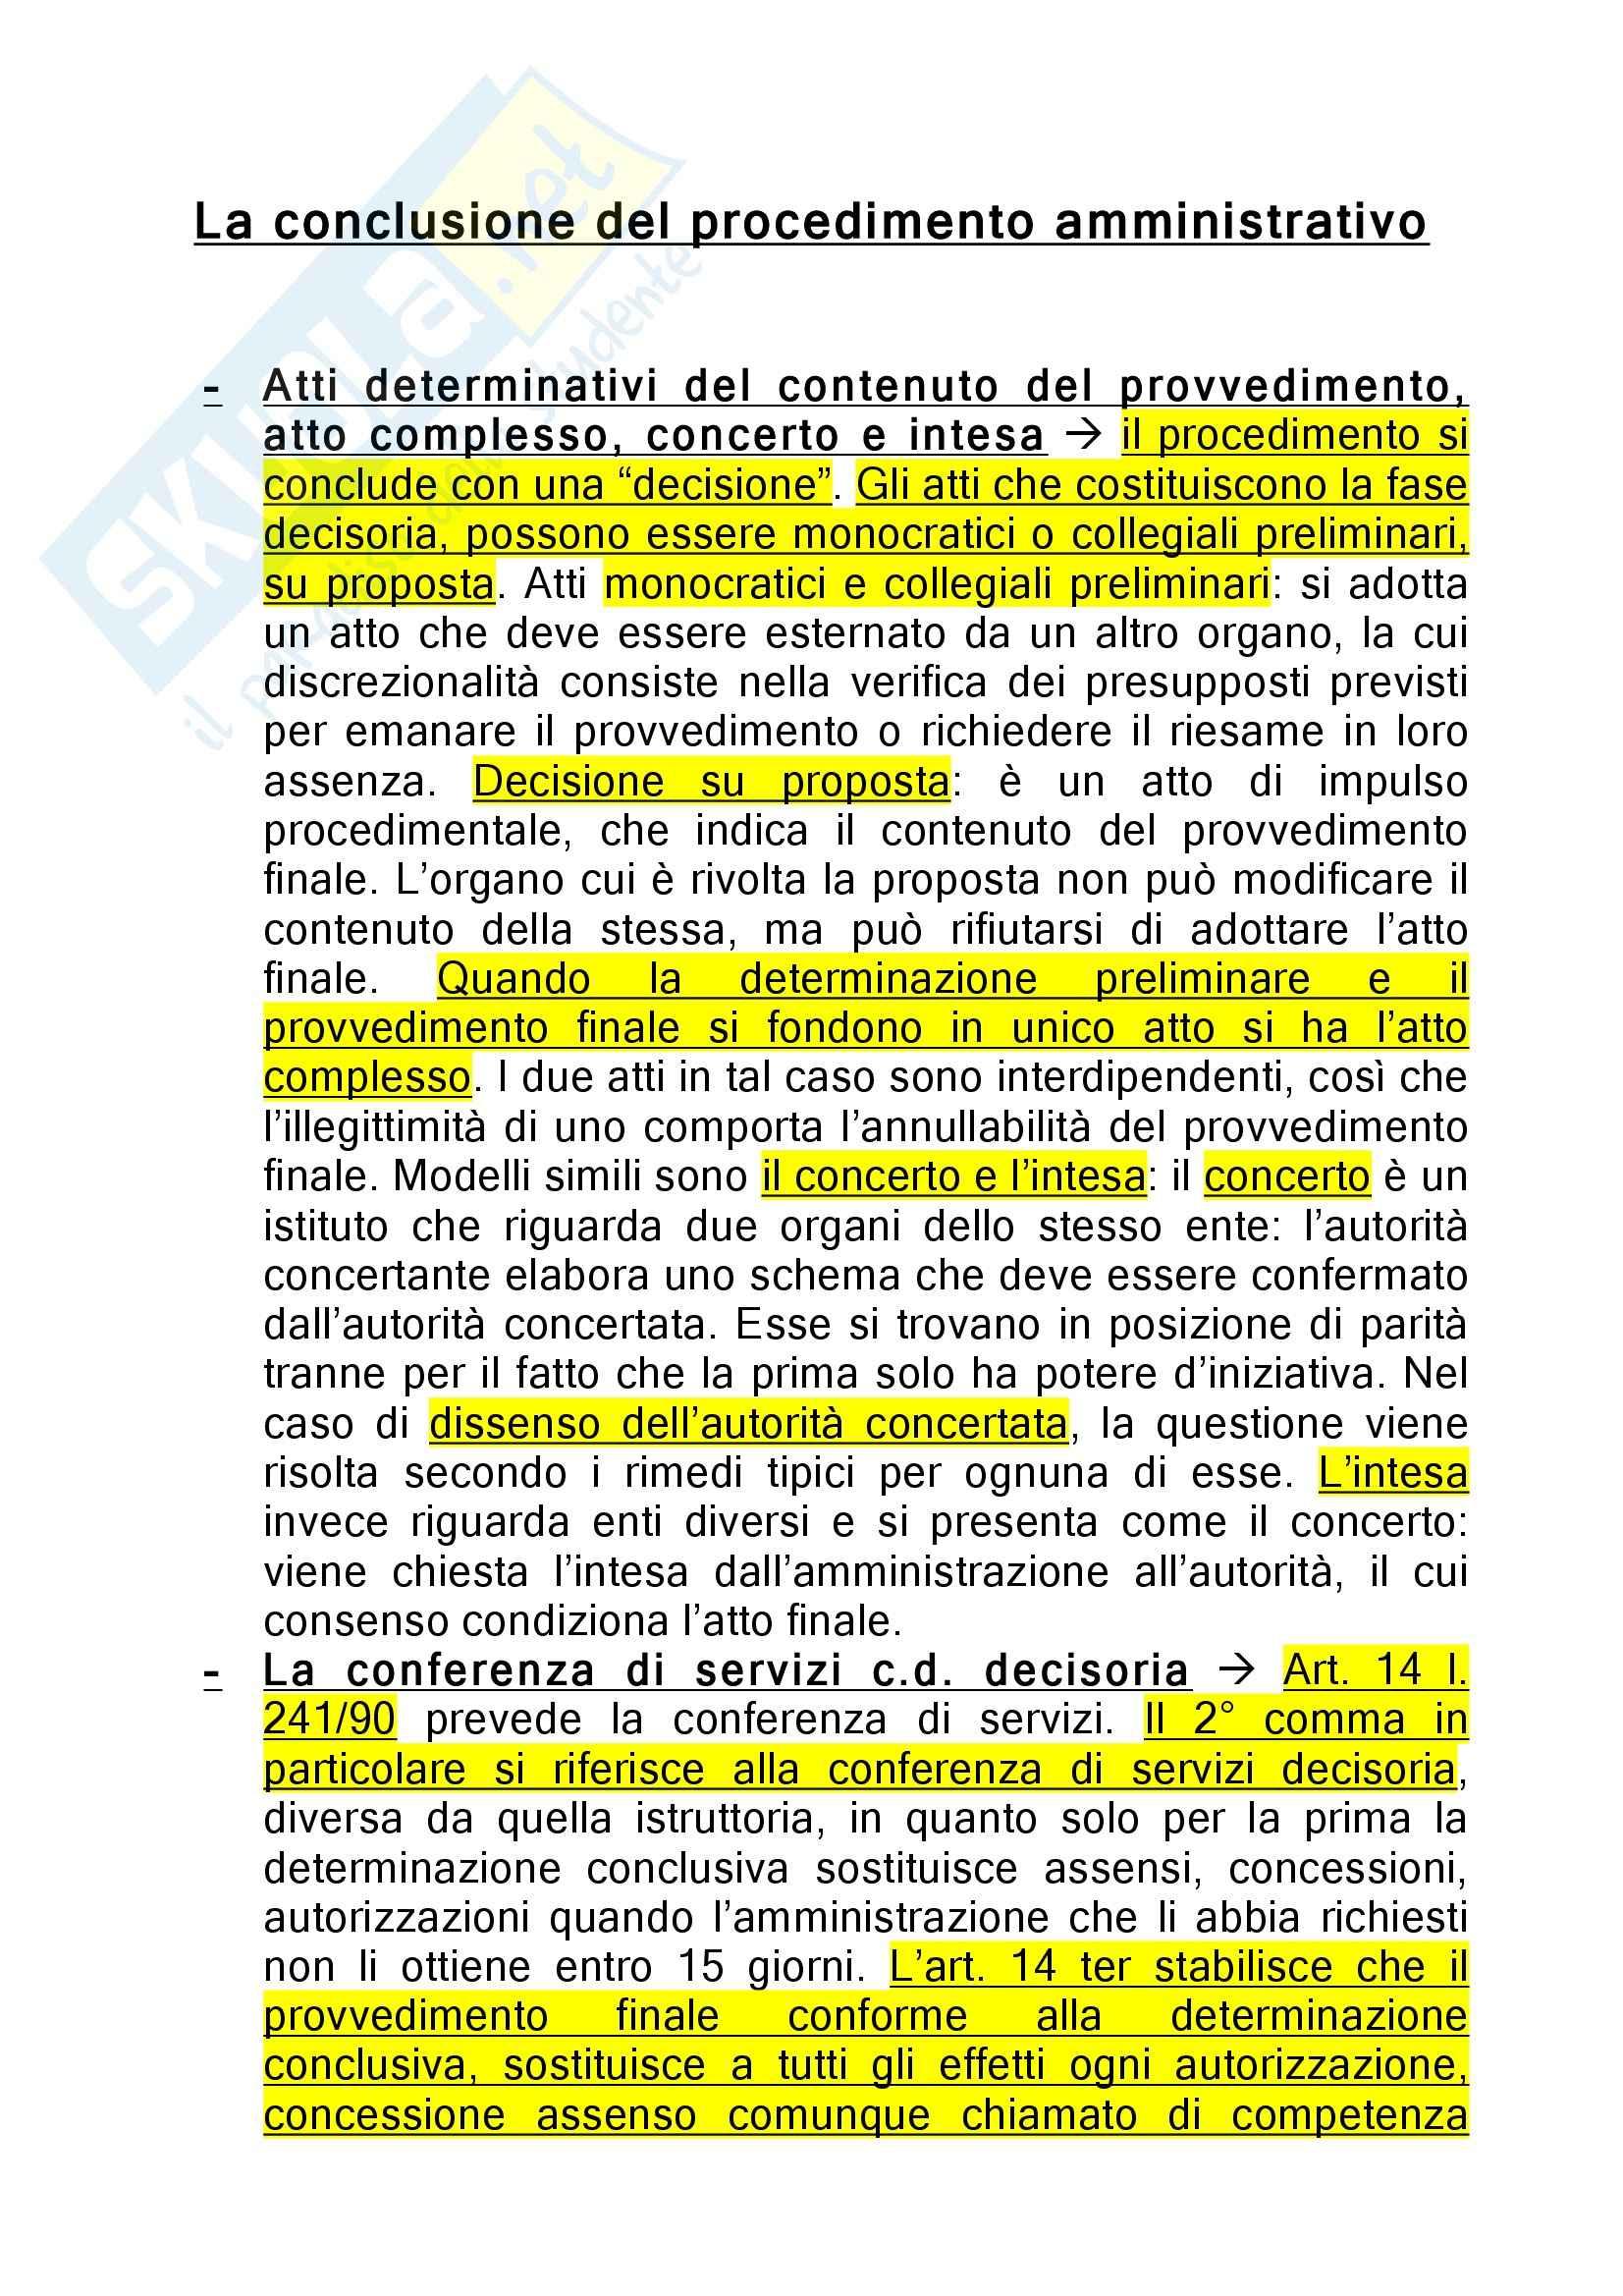 appunto D. Ferrara Diritto Amministrativo